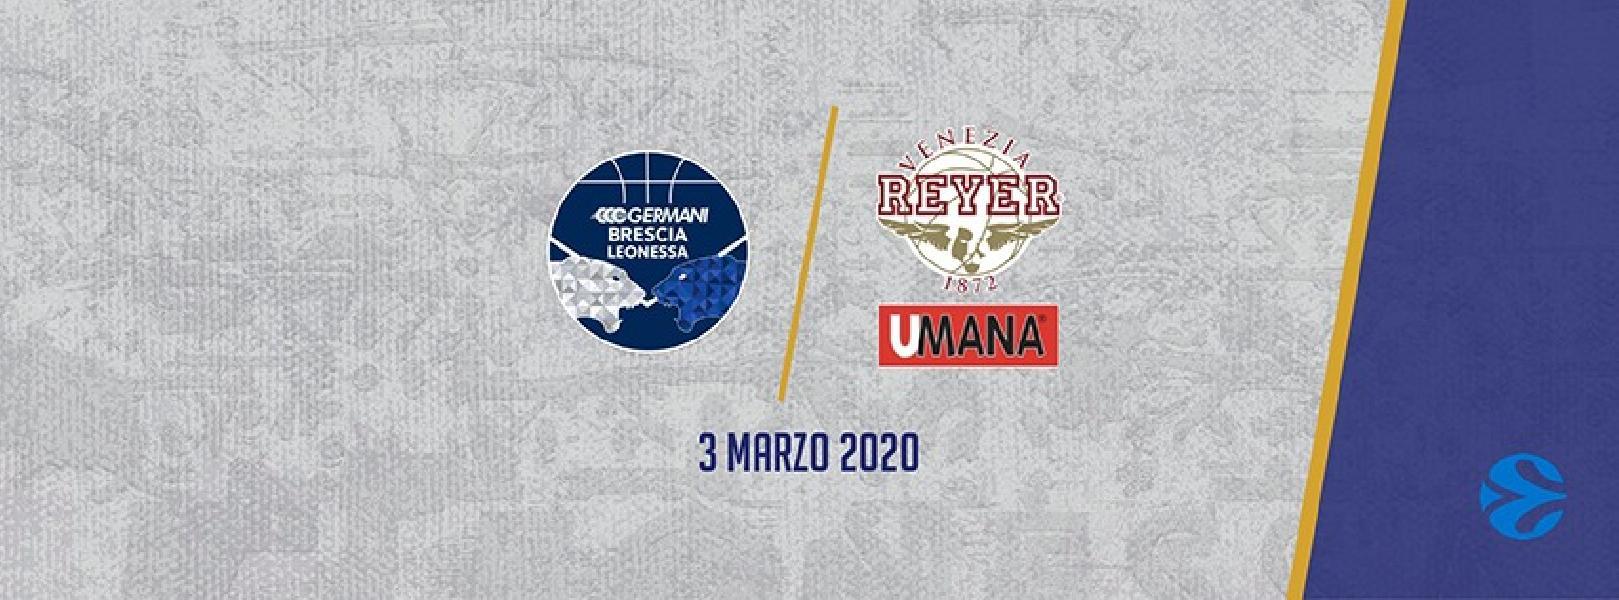 https://www.basketmarche.it/immagini_articoli/01-03-2020/eurocup-ufficiale-germani-brescia-reyer-venezia-giocher-porte-chiuse-600.jpg